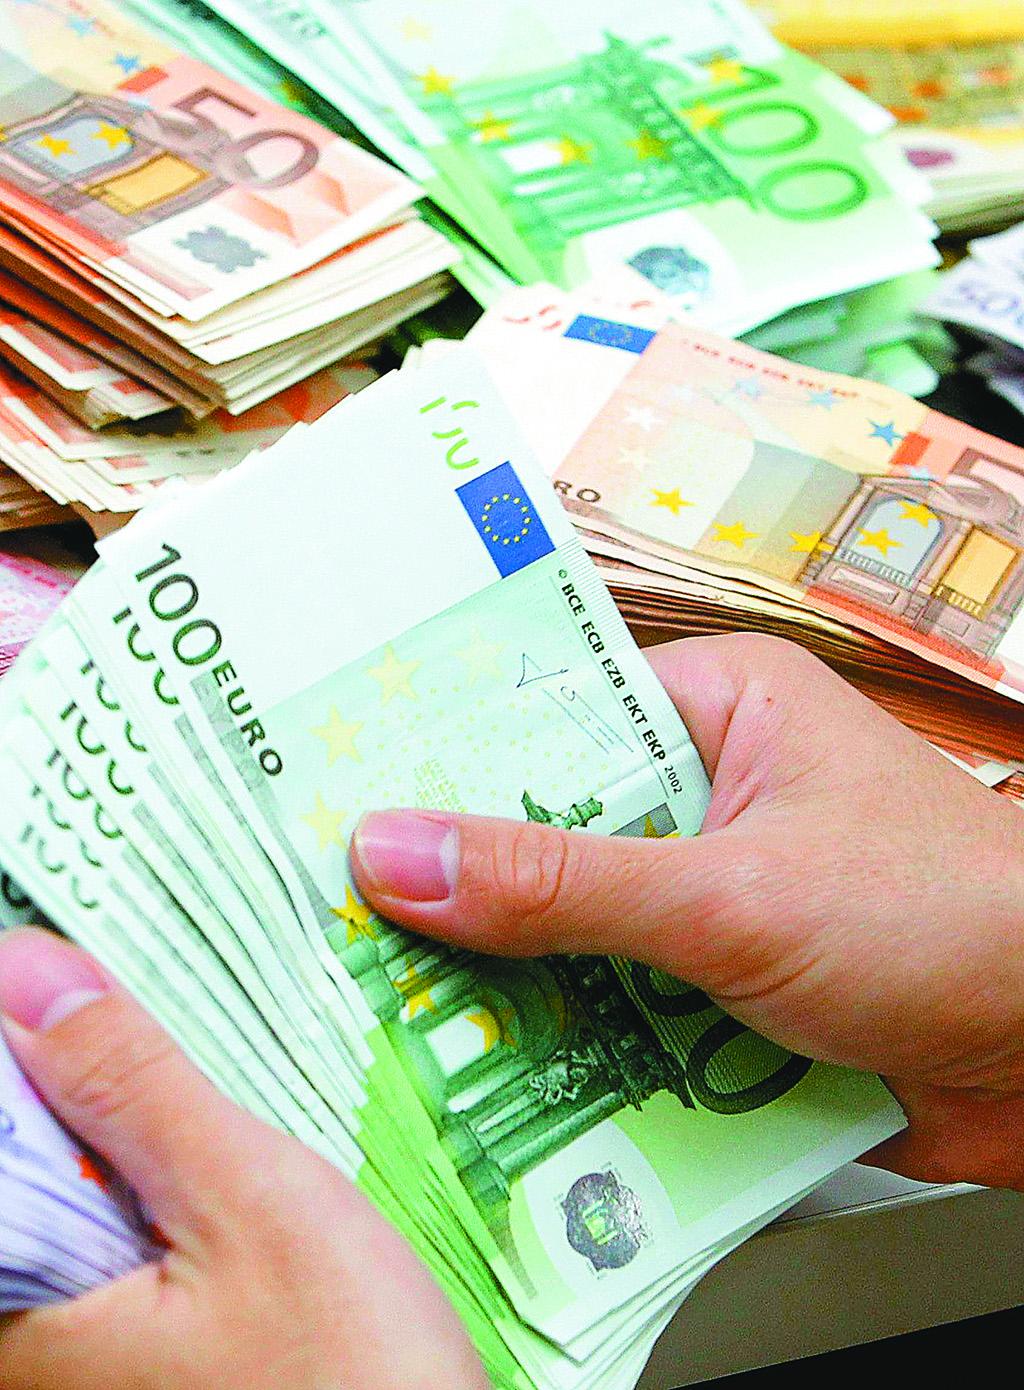 Αυστρία – Λουξεμβούργο: όχι στη φορολόγηση καταθέσεων εξωτερικού | tovima.gr